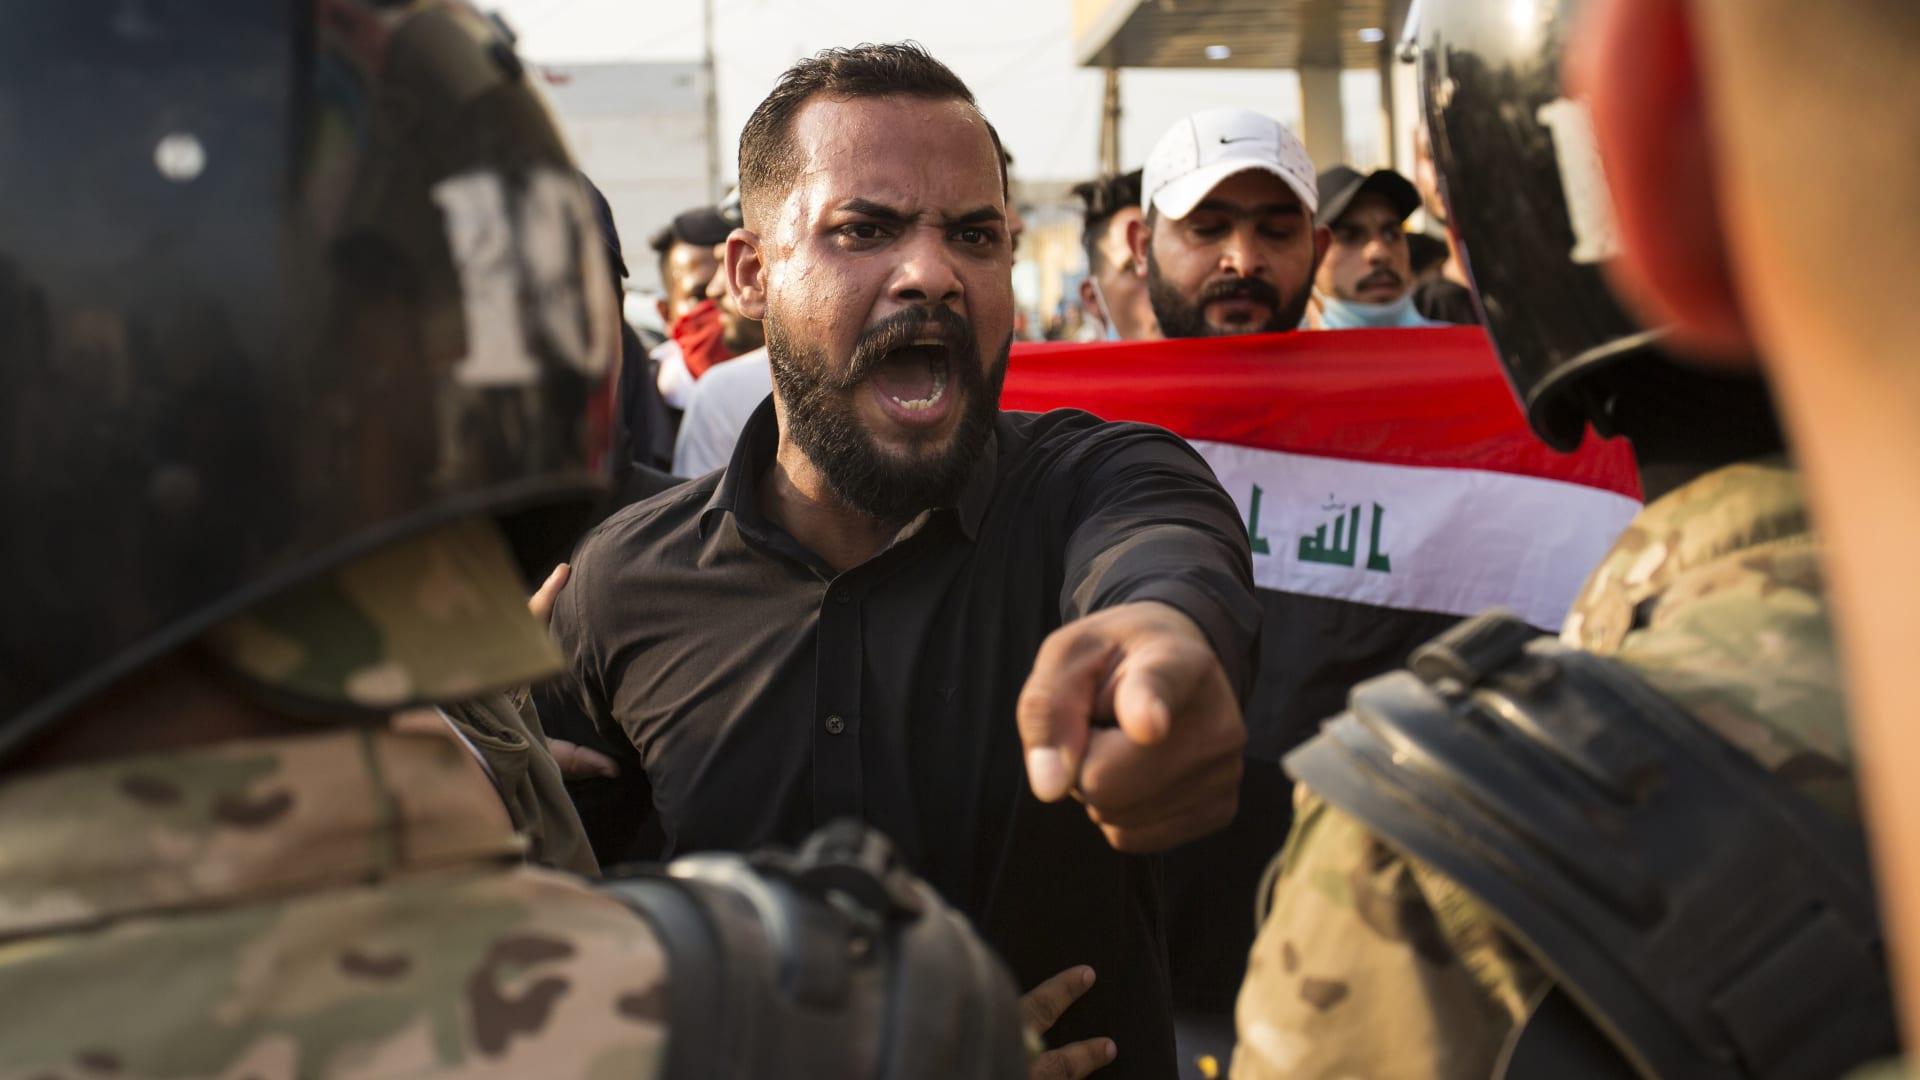 """بالصور.. حرق أعلام إيران بمظاهرات """"العراق ينتفض"""".. وأمير سعودي: أجمل صورة بـ2019"""